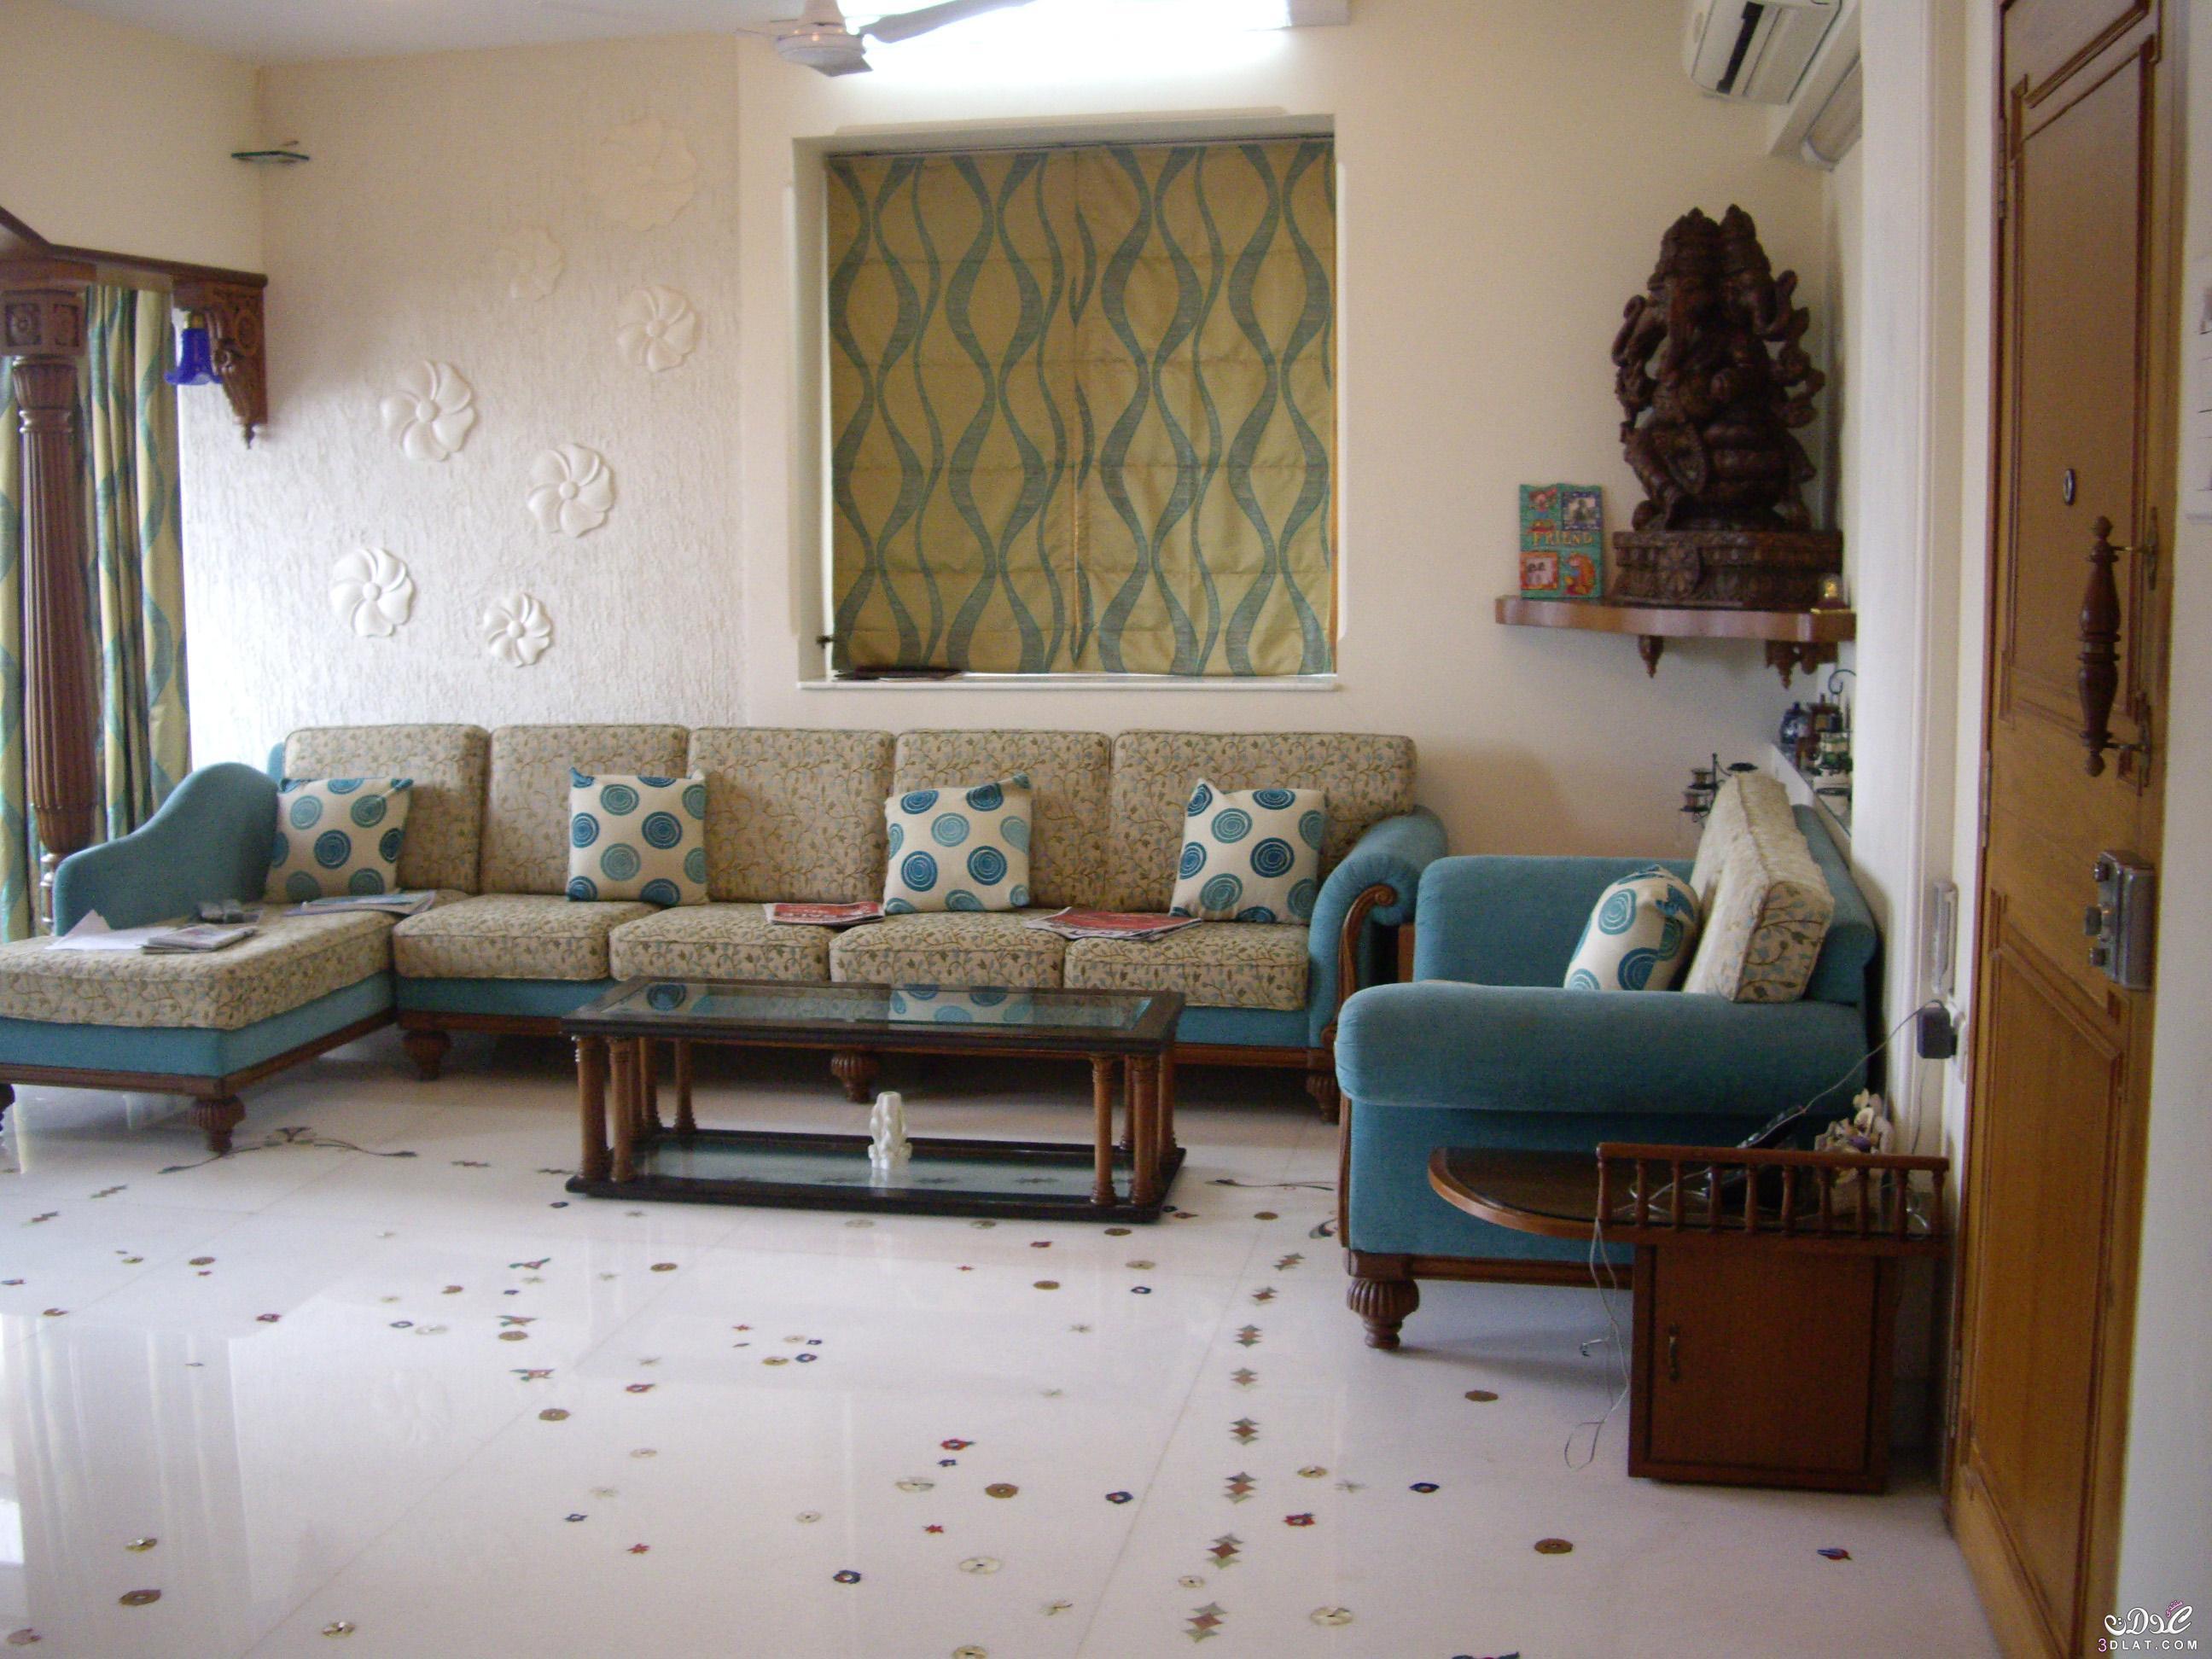 بالصور غرف جلوس , غرف معيشه عصريه تخطف الانظار 179 1